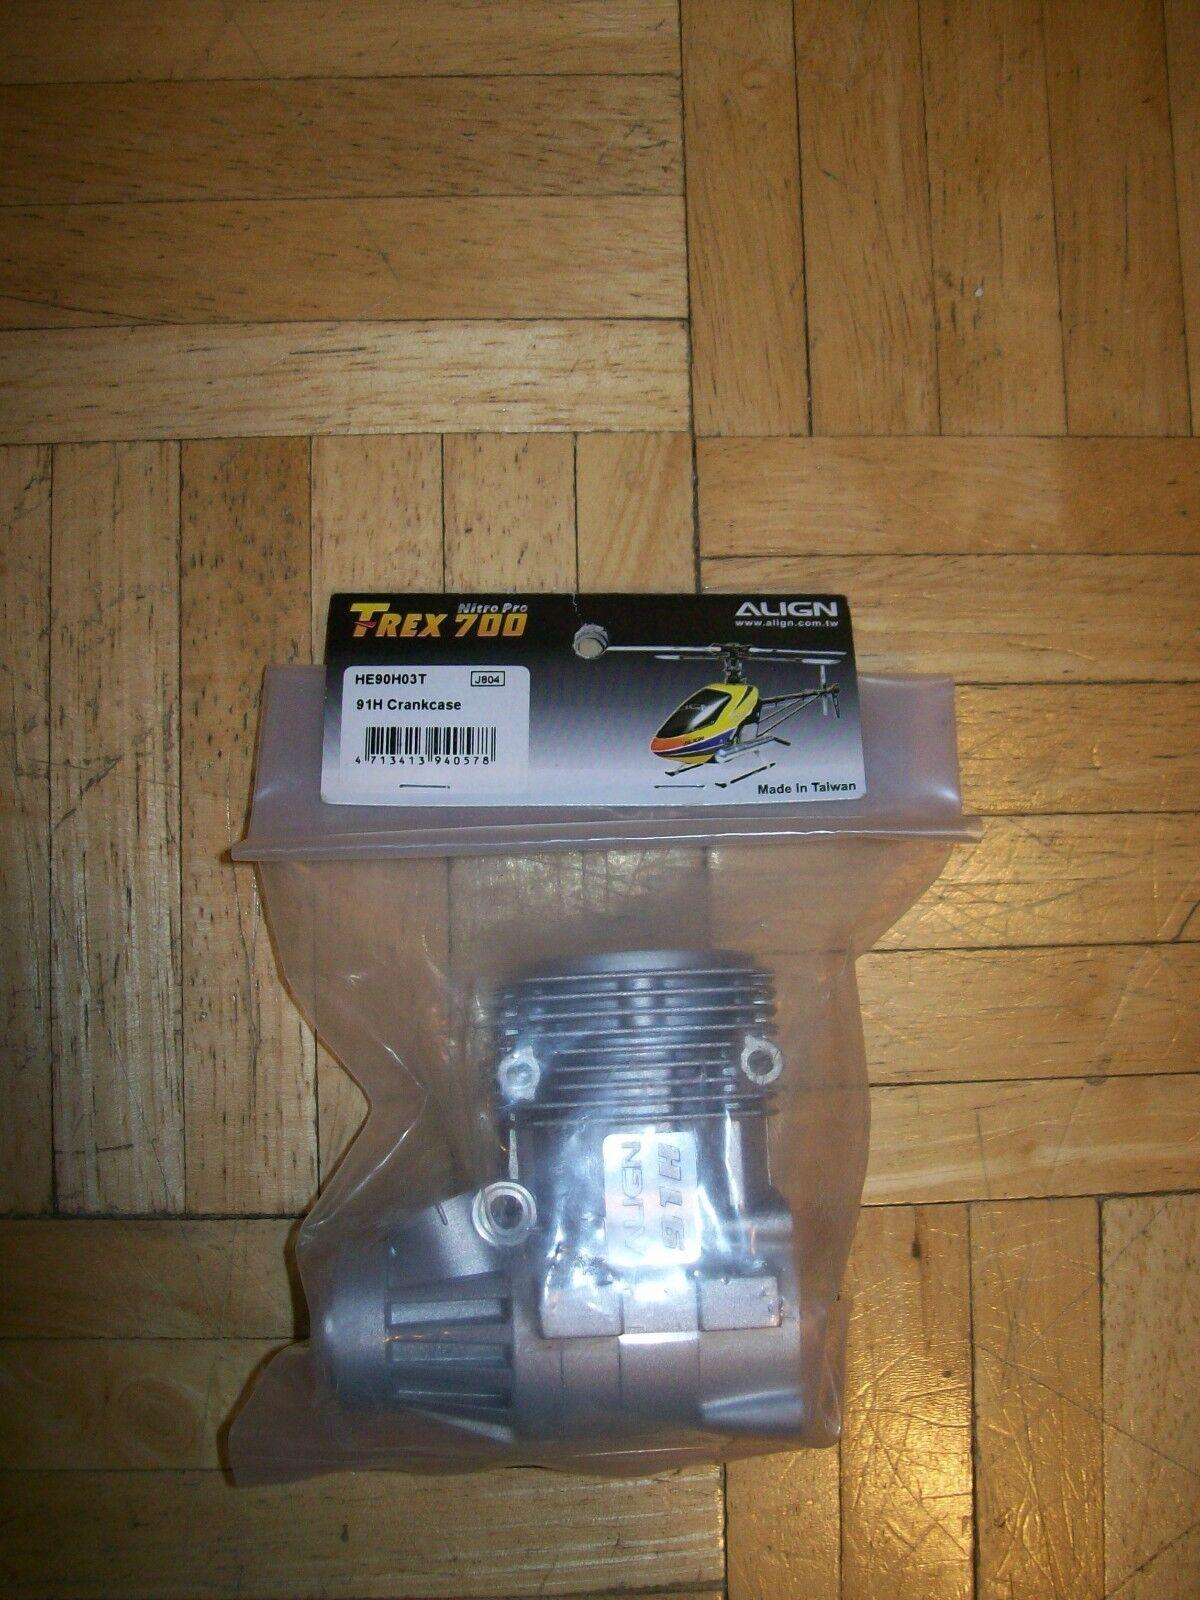 Align T-Rex 700 Nitro Pro 91H Crankcase HE90H03T Upgrade Nuovo